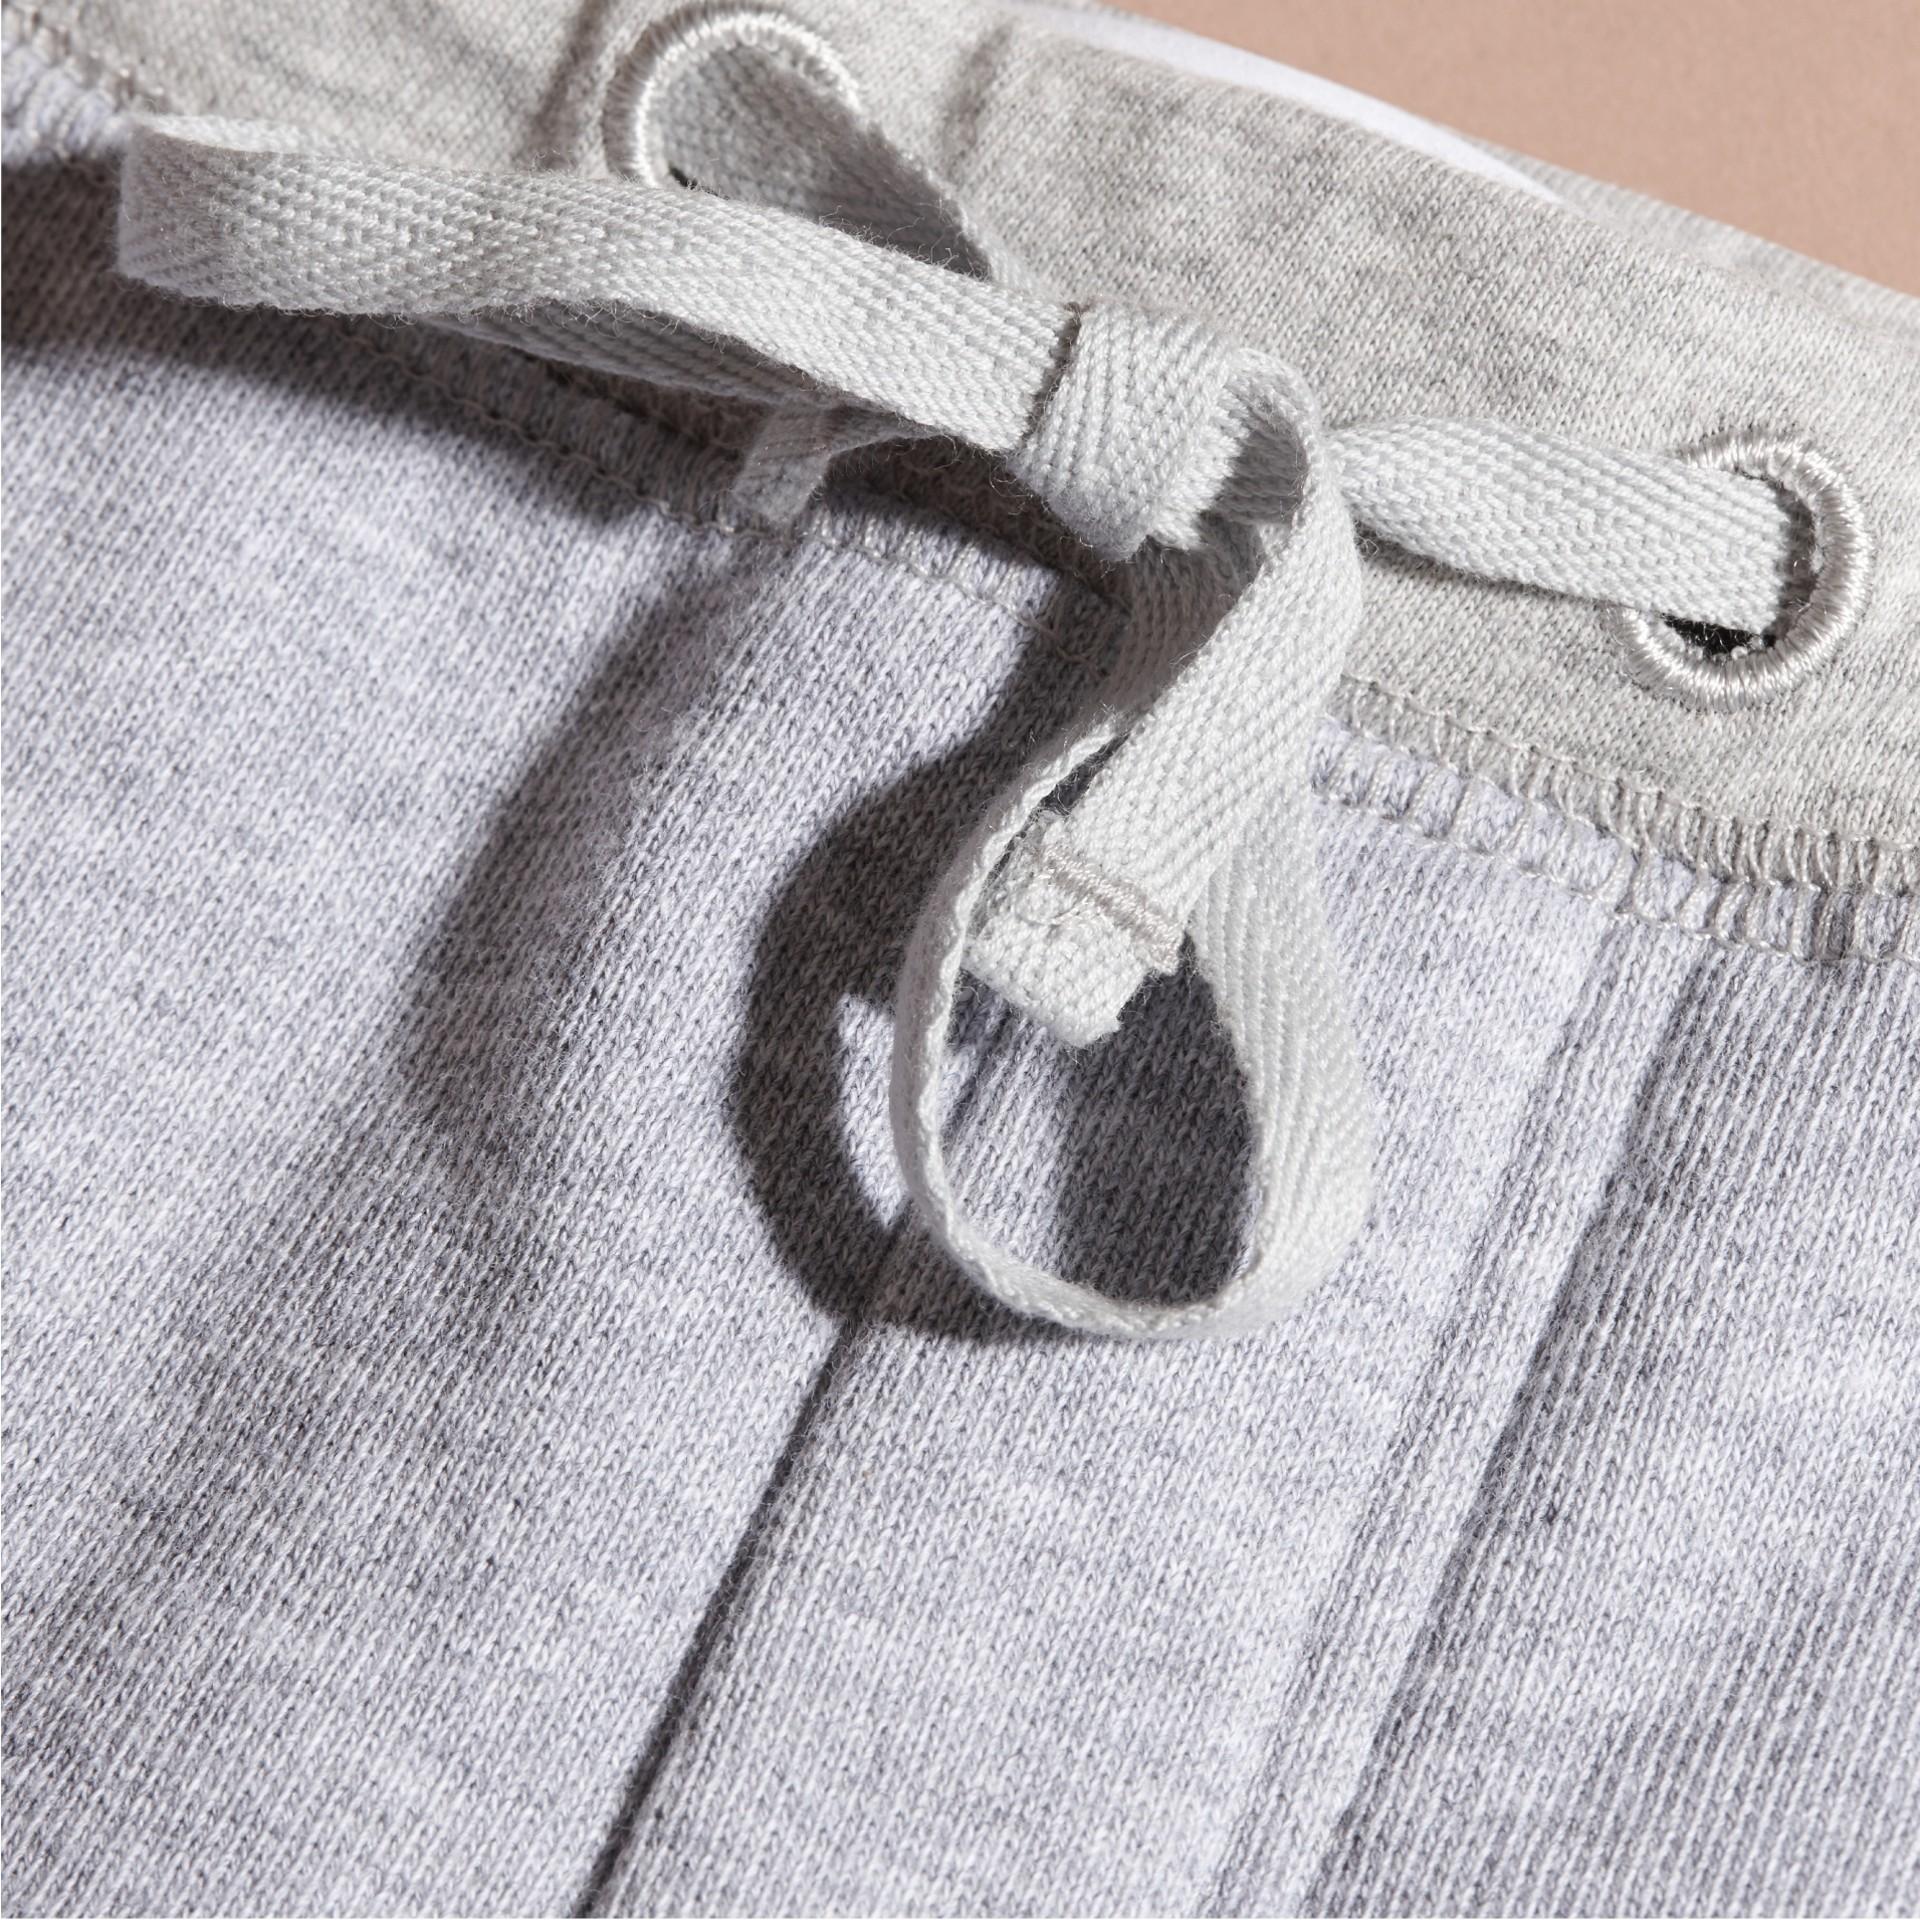 Grigio medio mélange Pantaloni tuta in cotone Grigio Medio Mélange - immagine della galleria 2